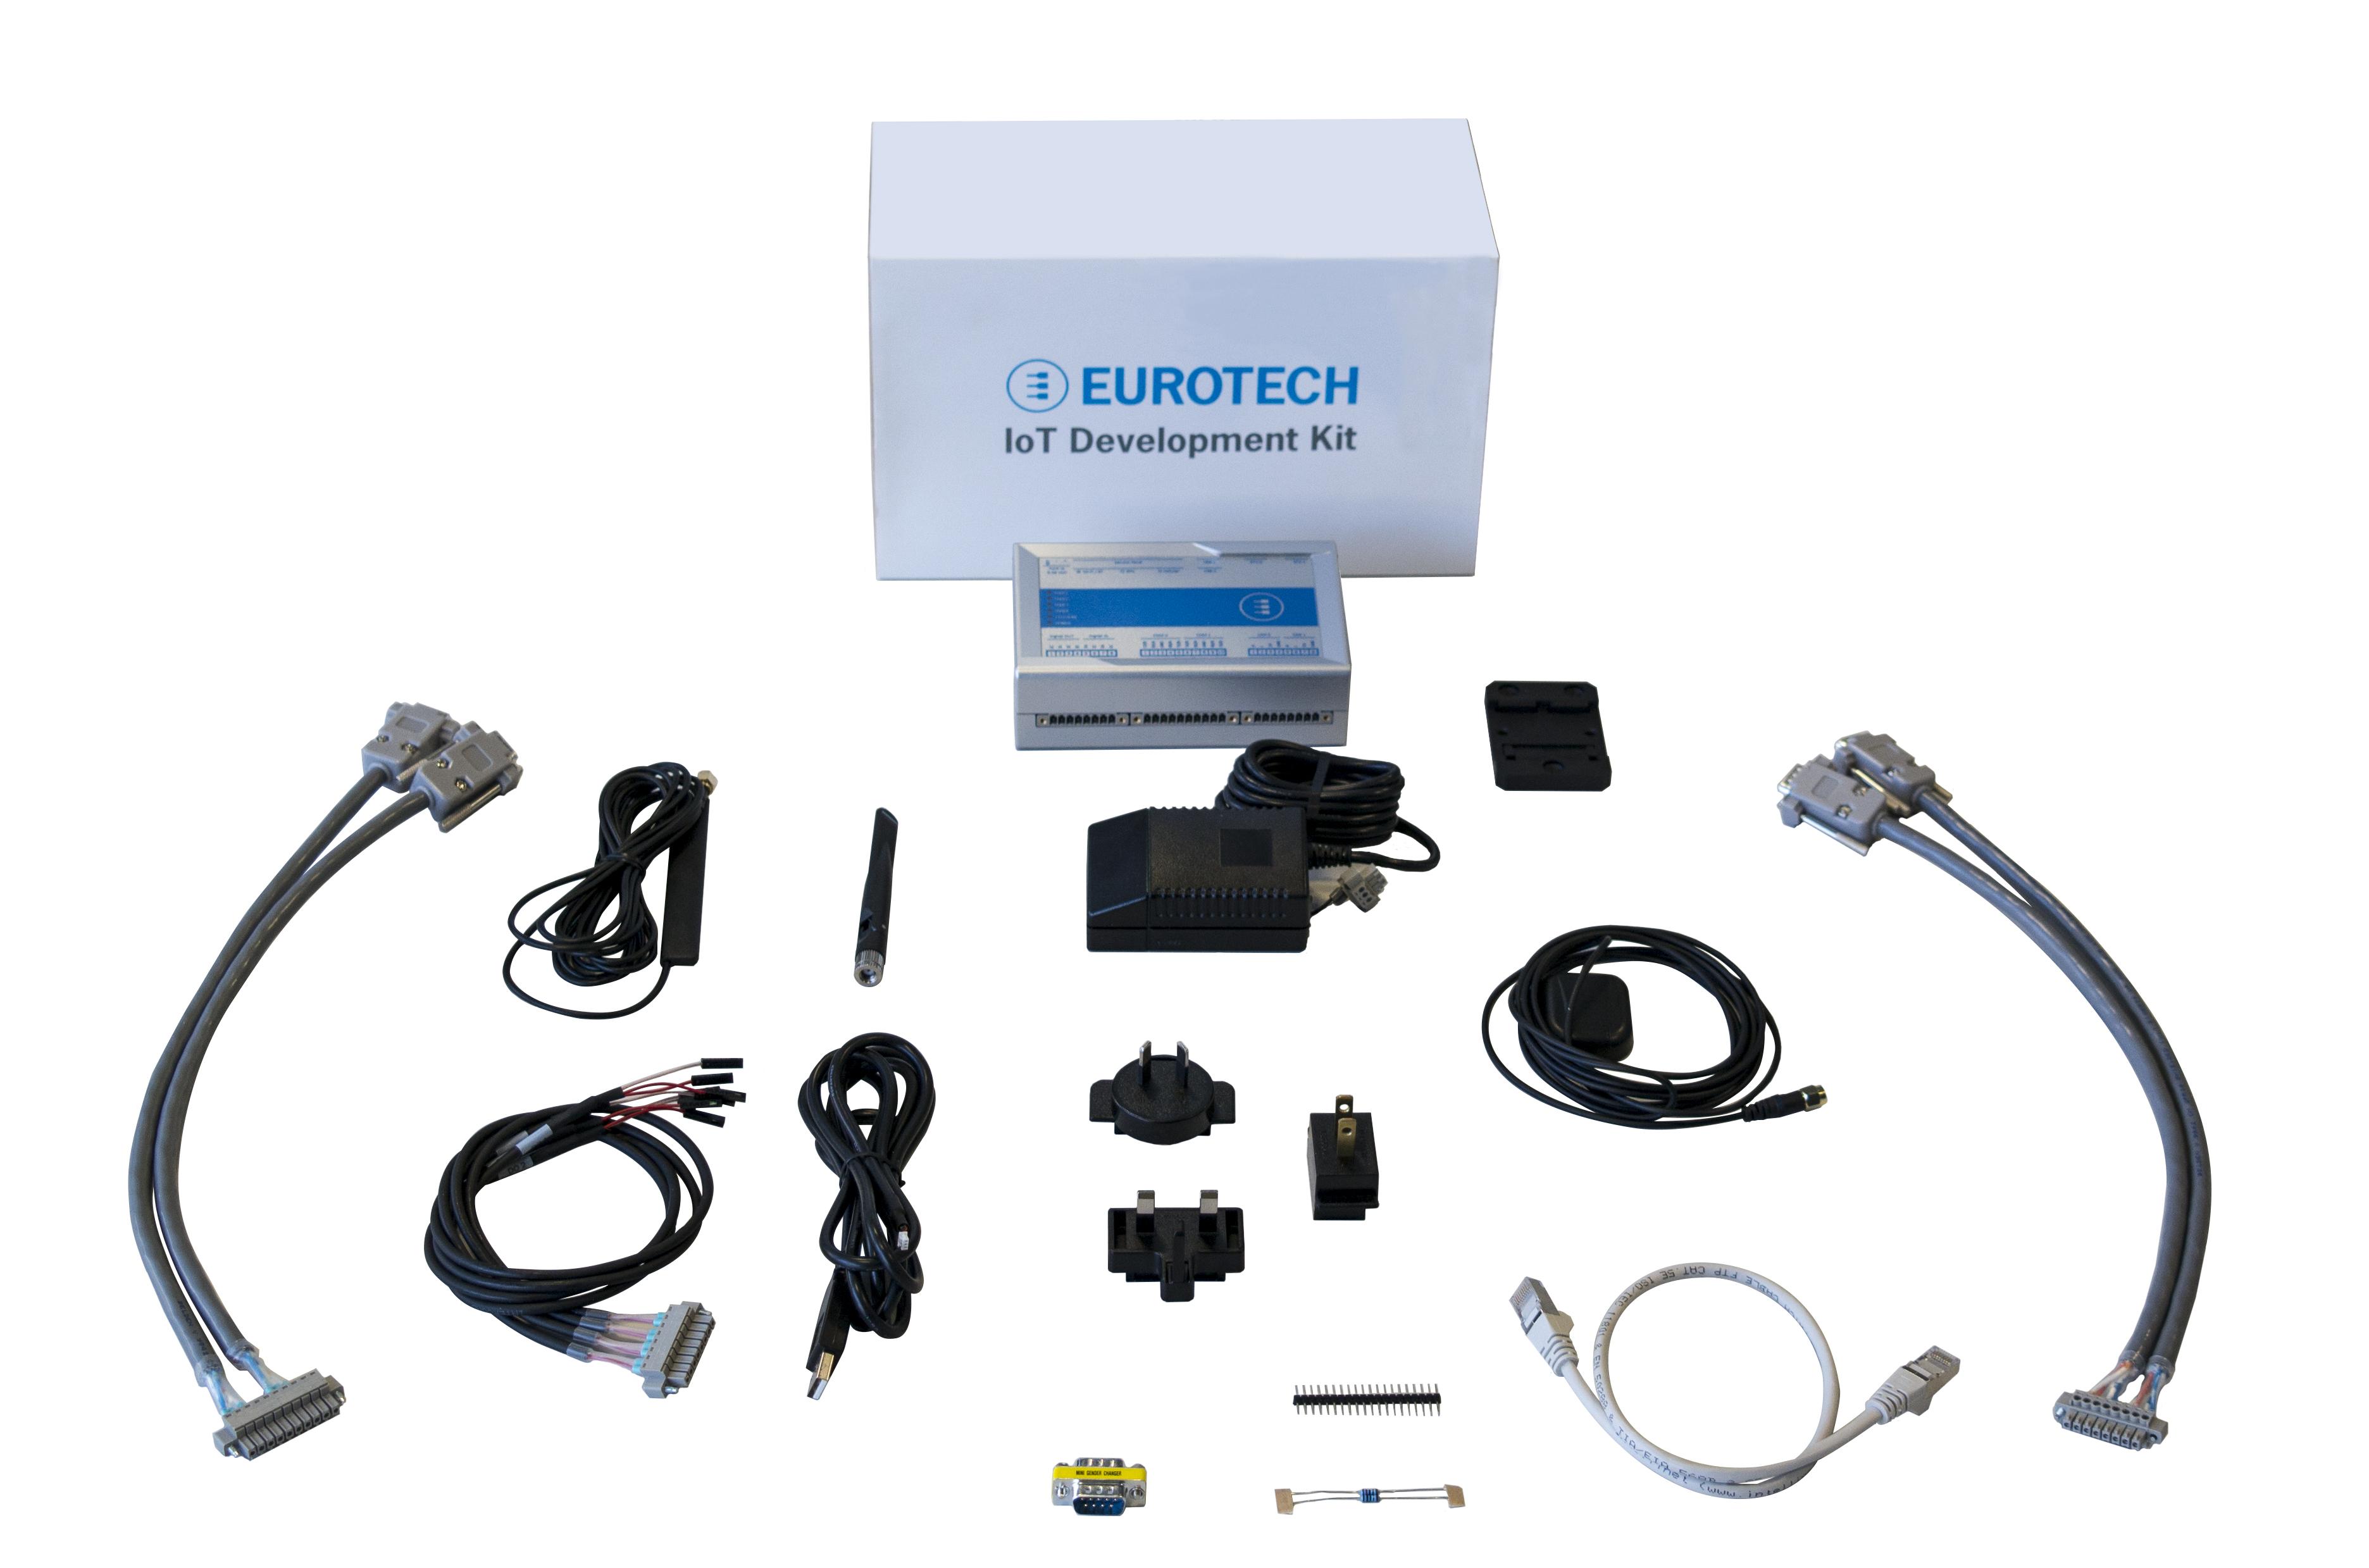 Eurotech_IoT_Development_Kit